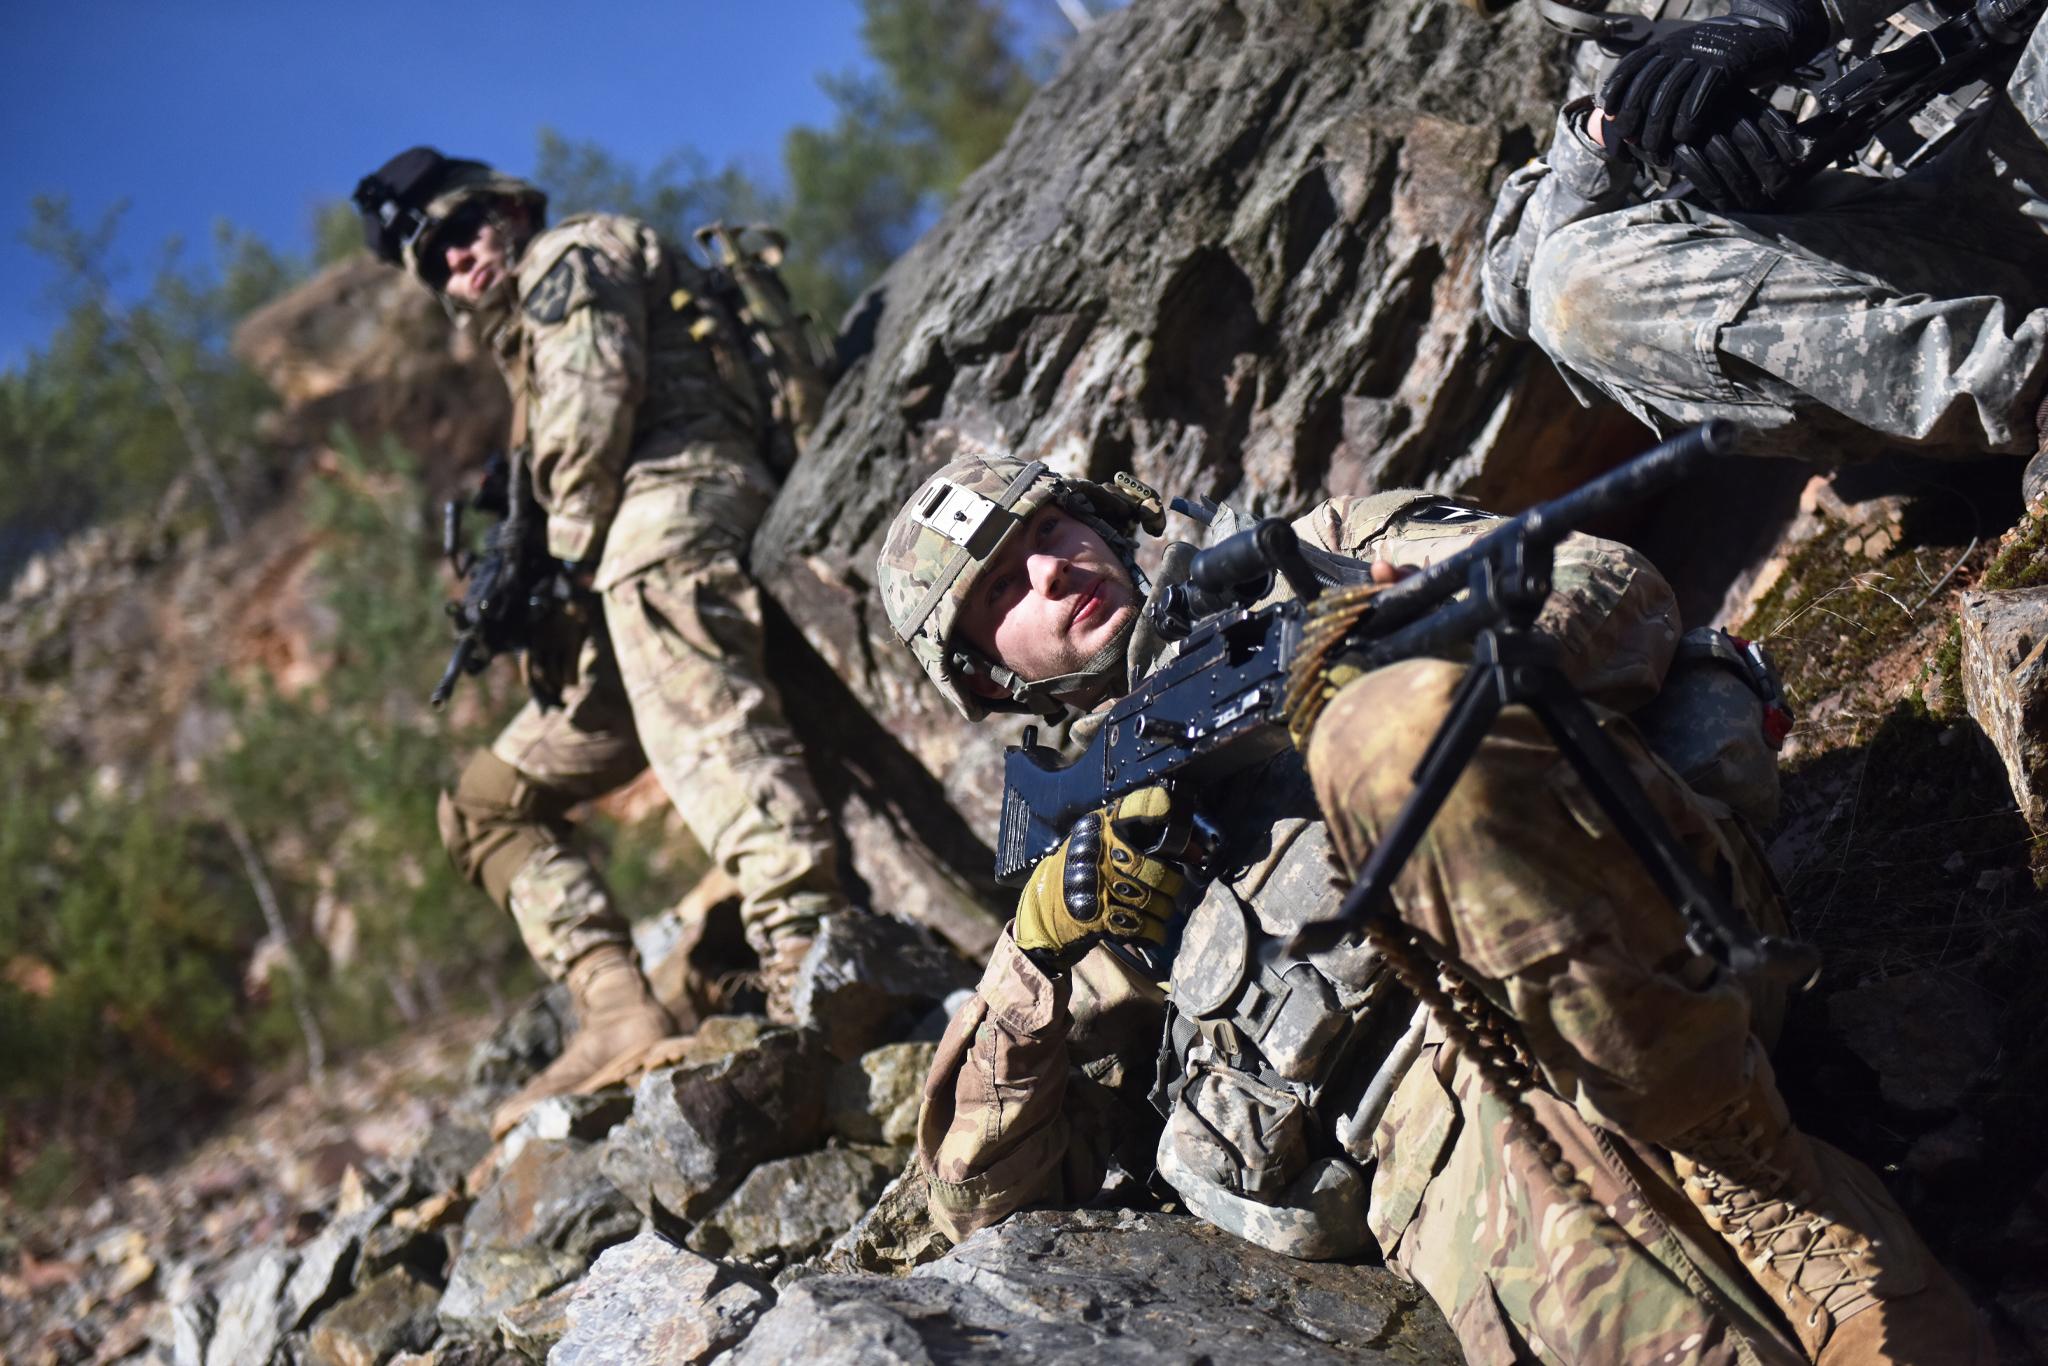 Výcvik v horských oblastech pomáhá zvyšovat fyzičku i kooperaci jednotlivců